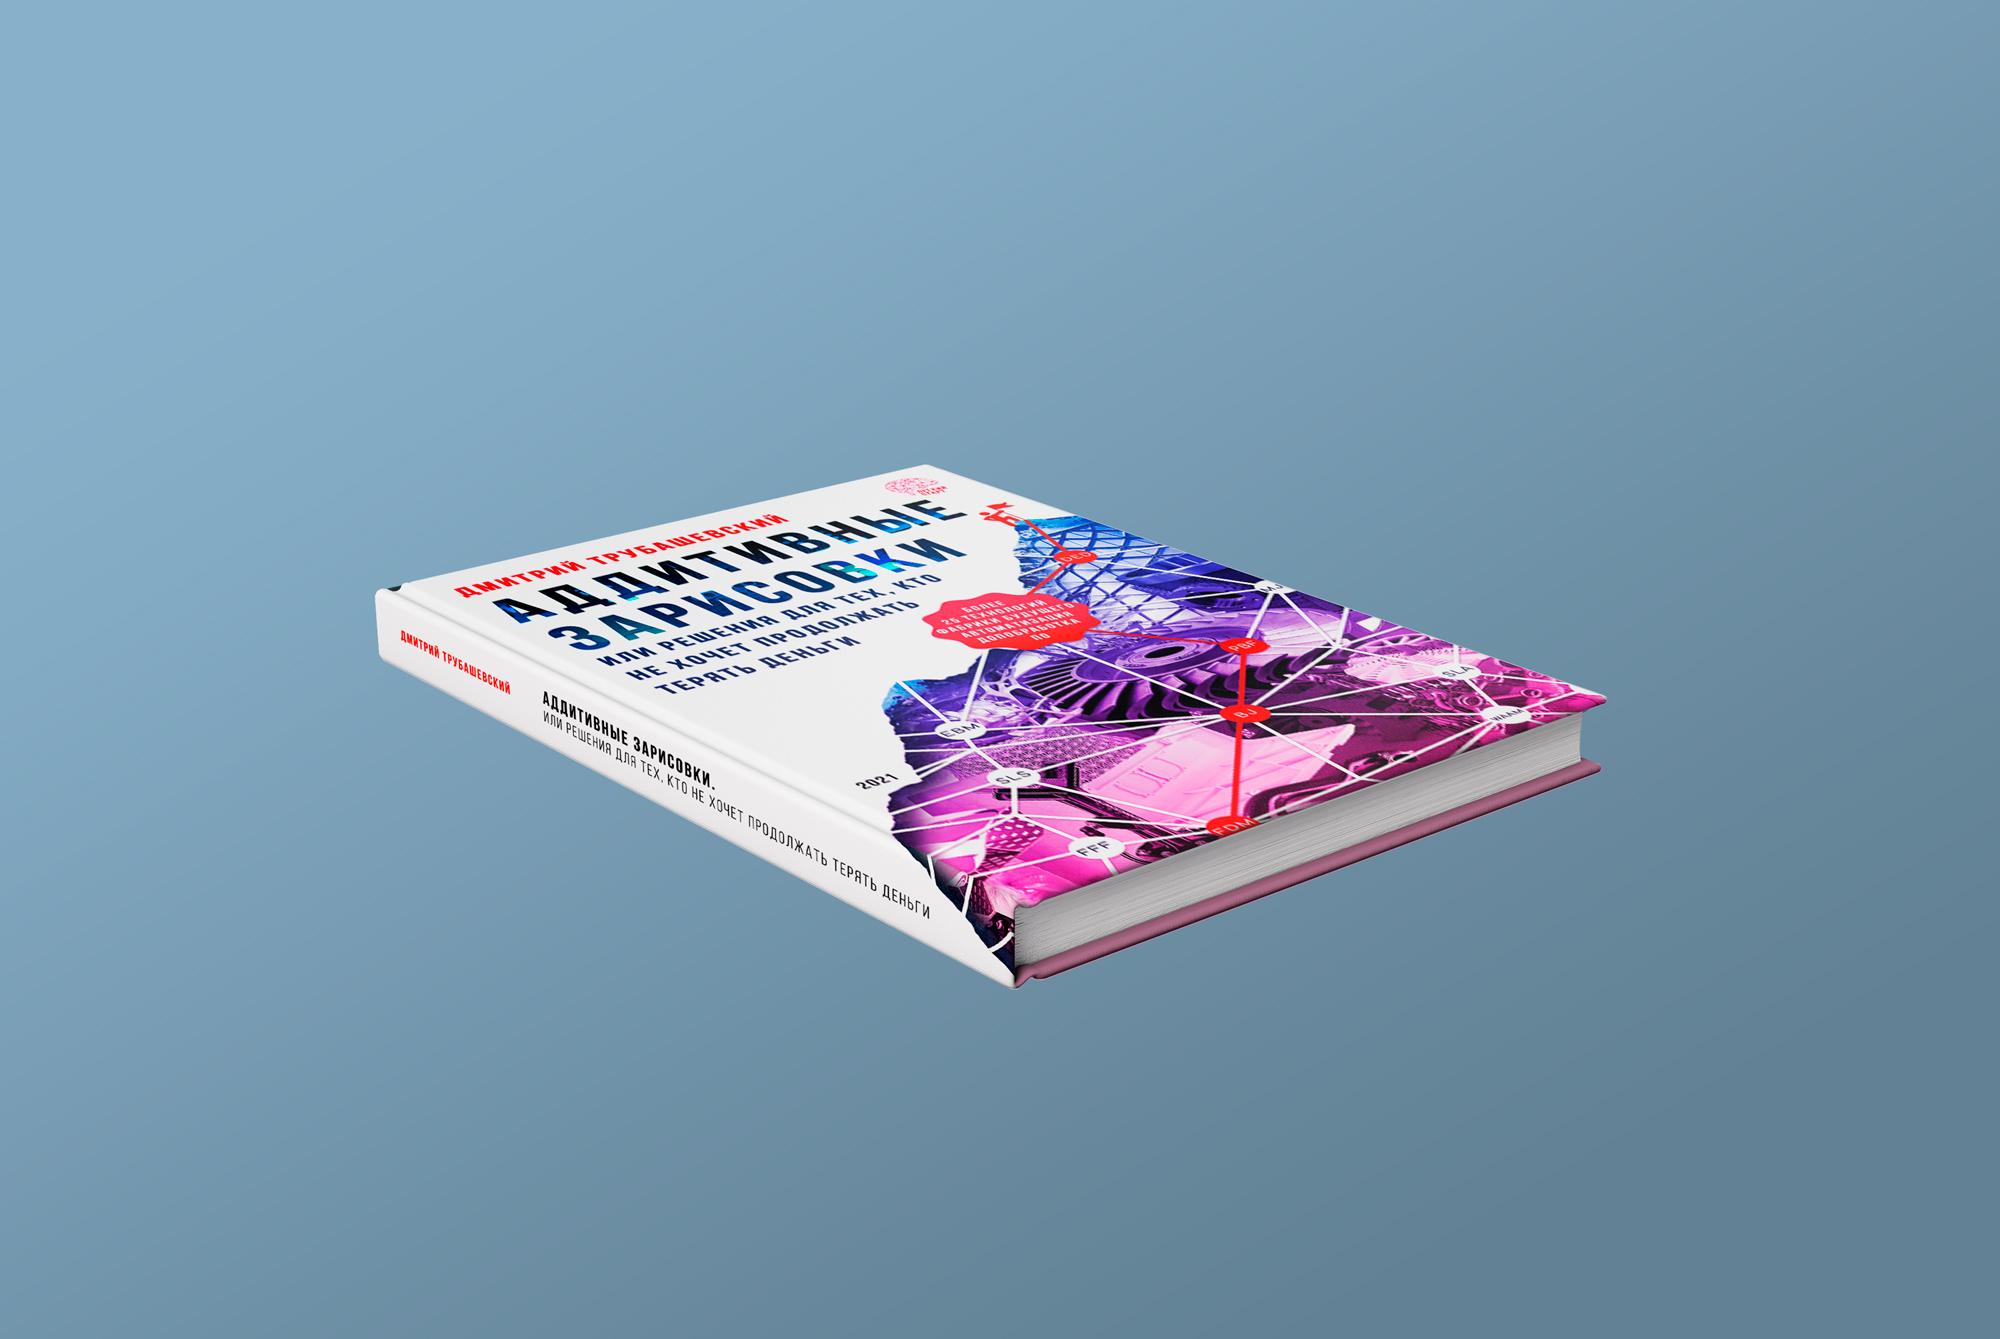 Печатные издания / Printed publications